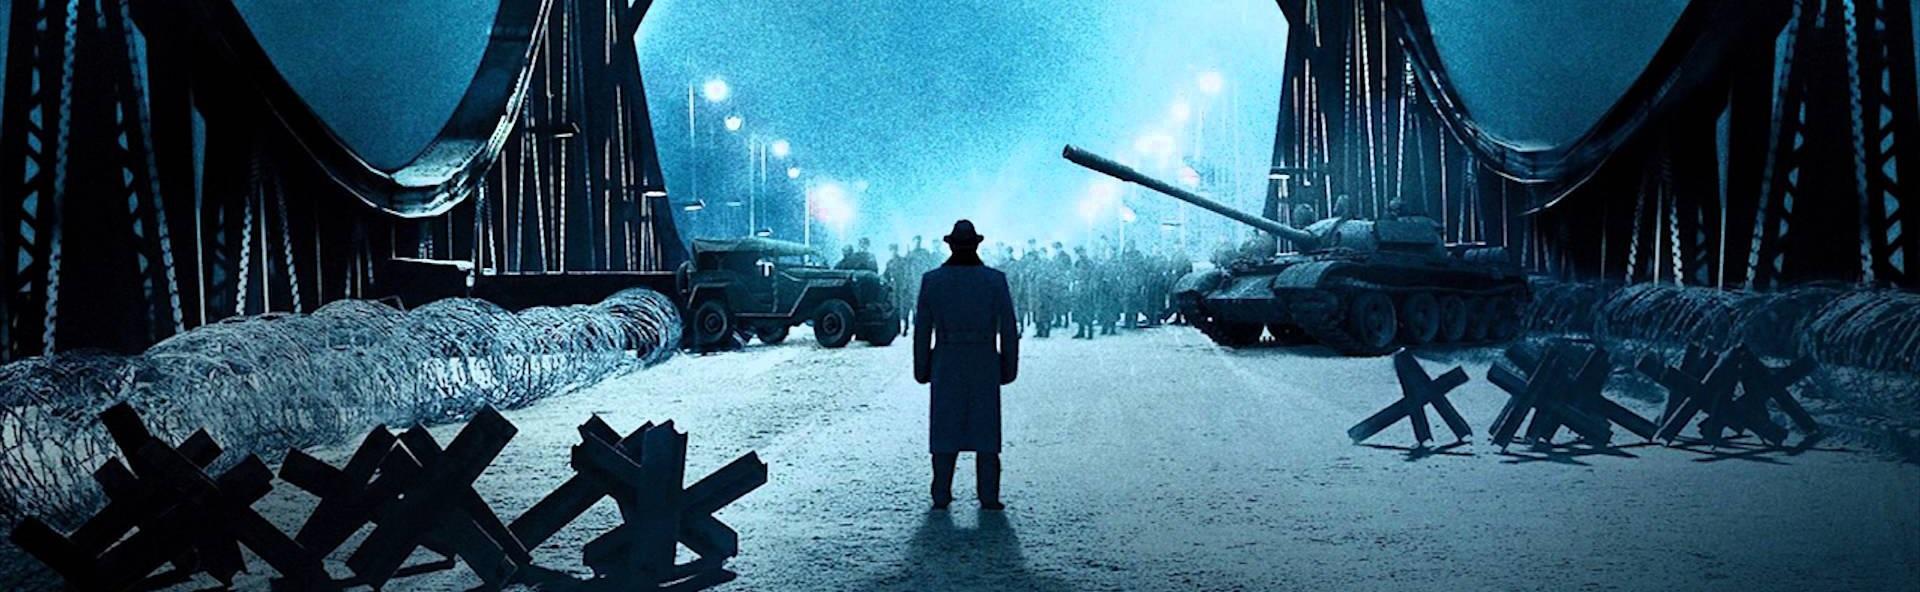 il ponte delle spie - film 2015 - pills of movies - i film migliori del 2015 da vedere assolutamente